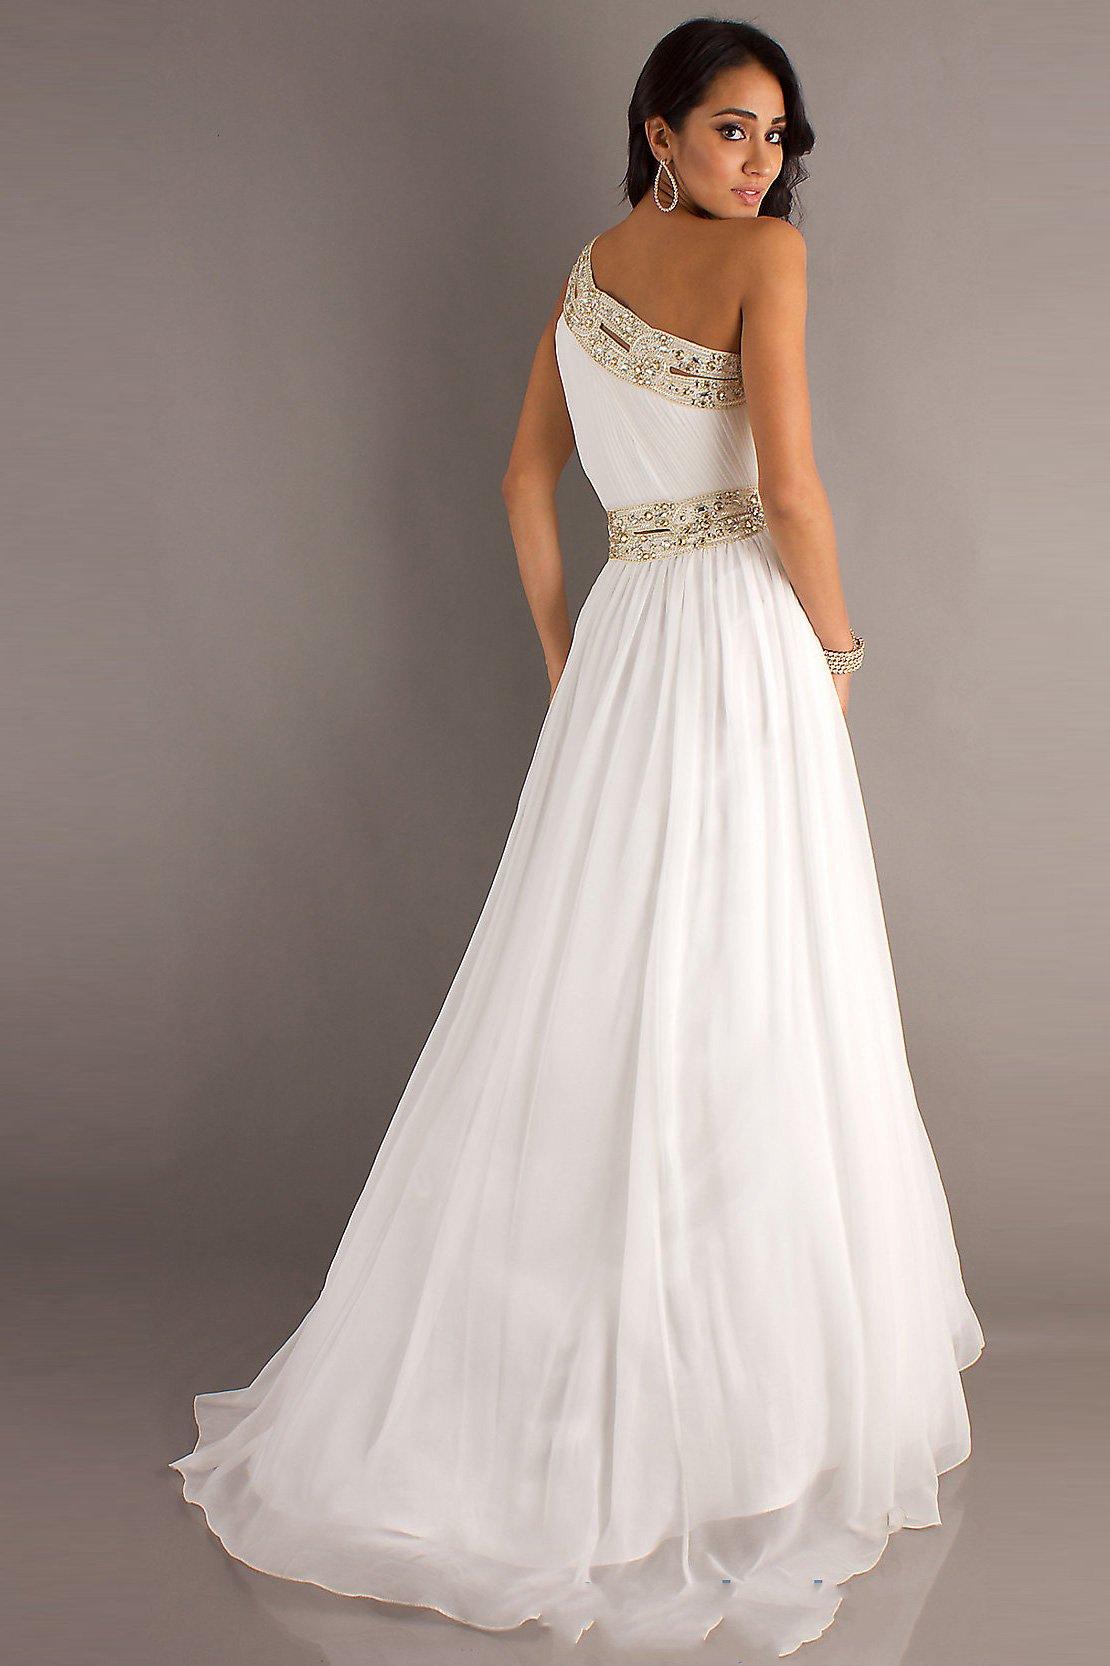 vestido branco longo 1